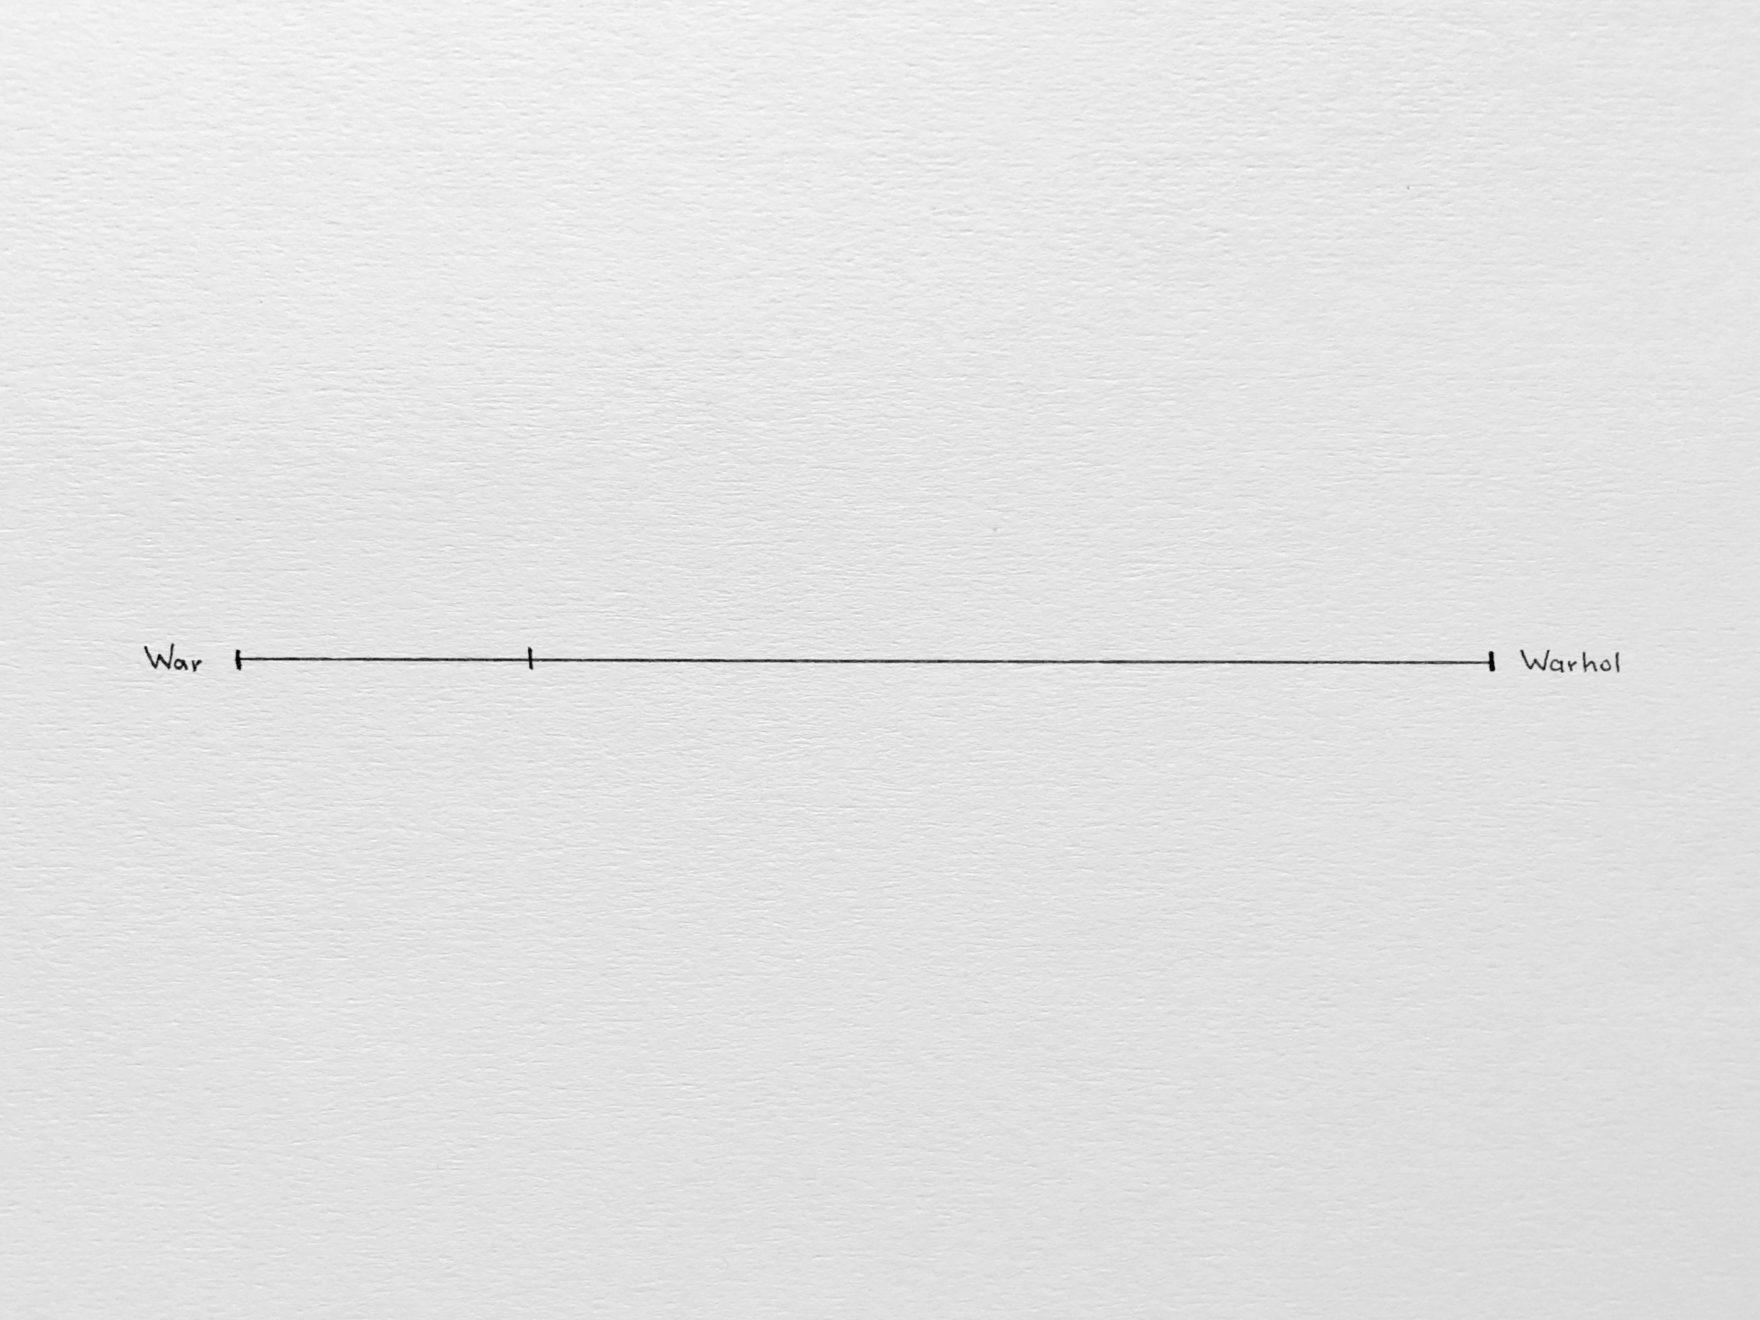 Odd Parameters: War-Warhol, Pen on Paper, 32x24cm, 2018